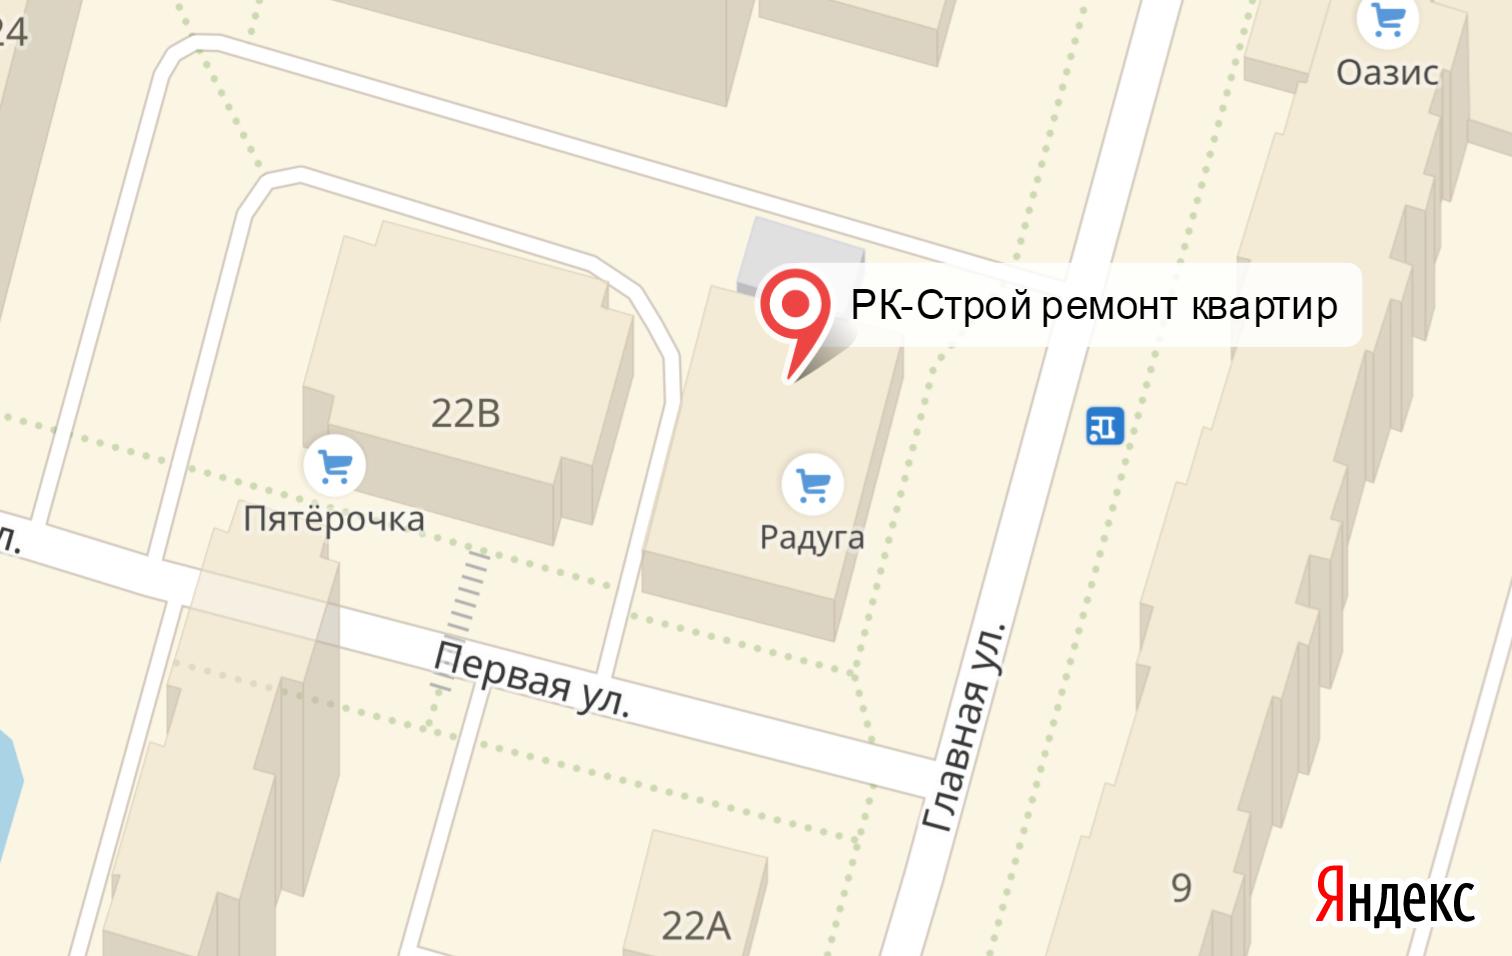 г. Железнодорожный ул. Главная 22Б ТЦ Радуга